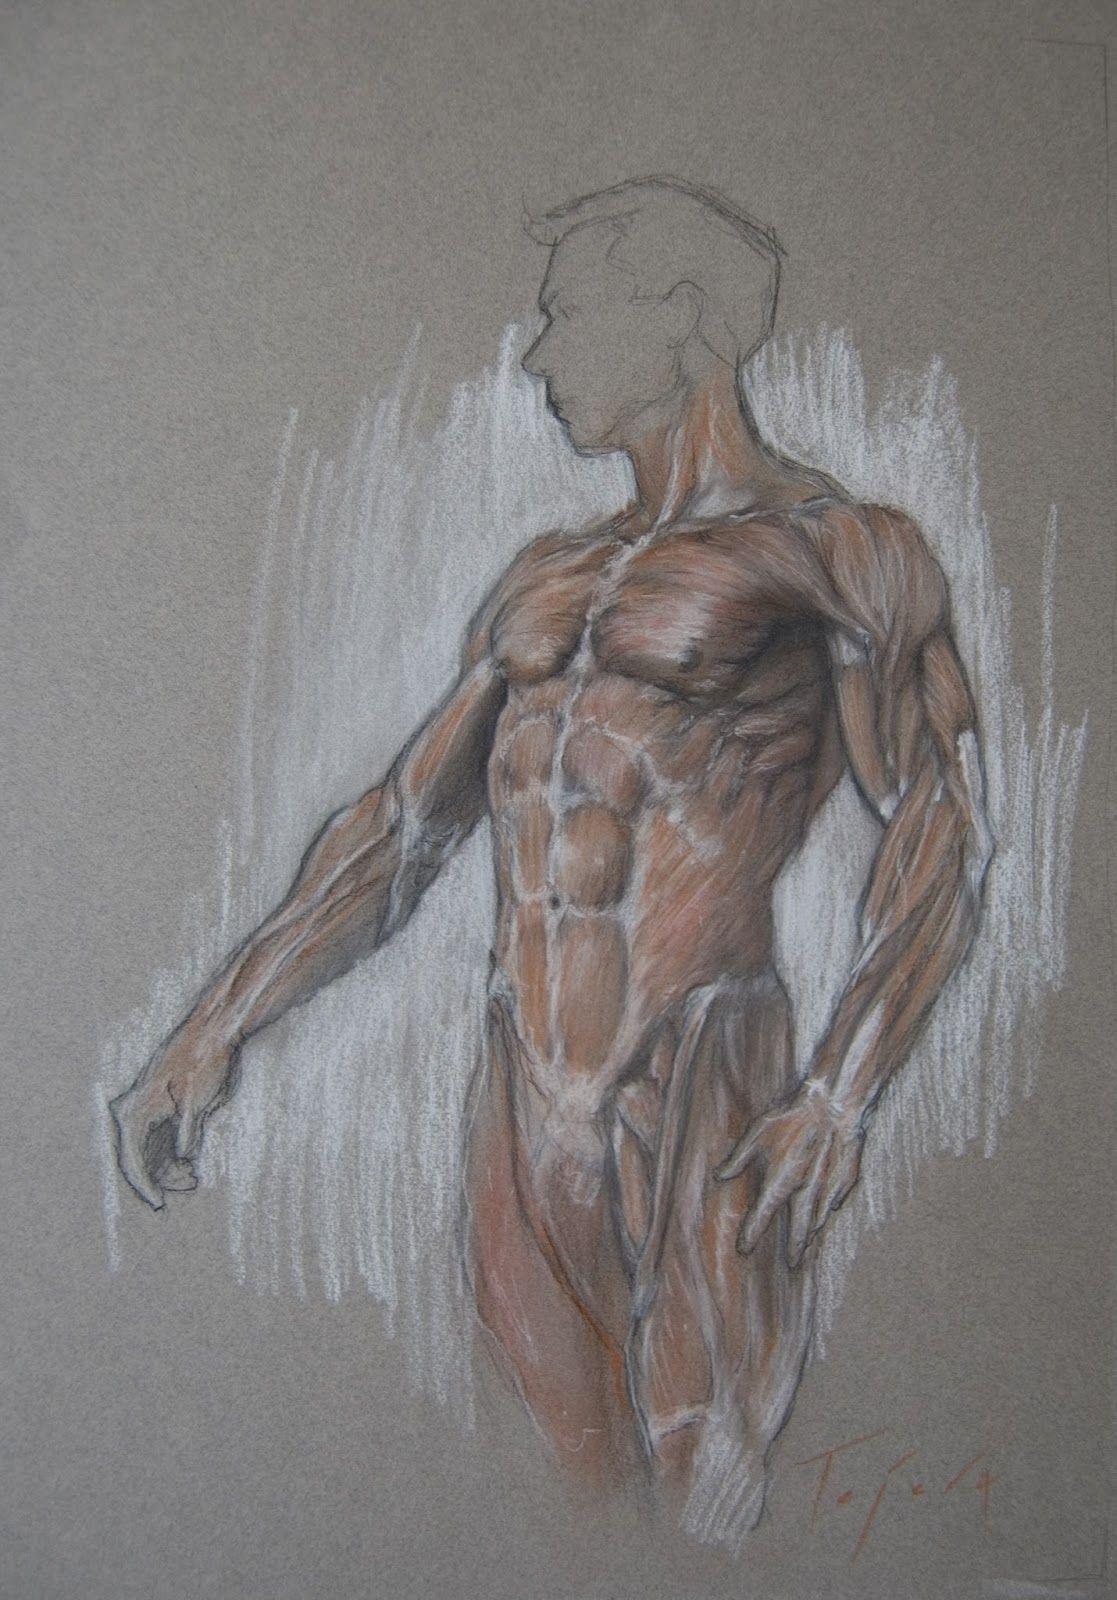 Nada melhor do que fotos para estudar anatomia masculina não é mesmo ...